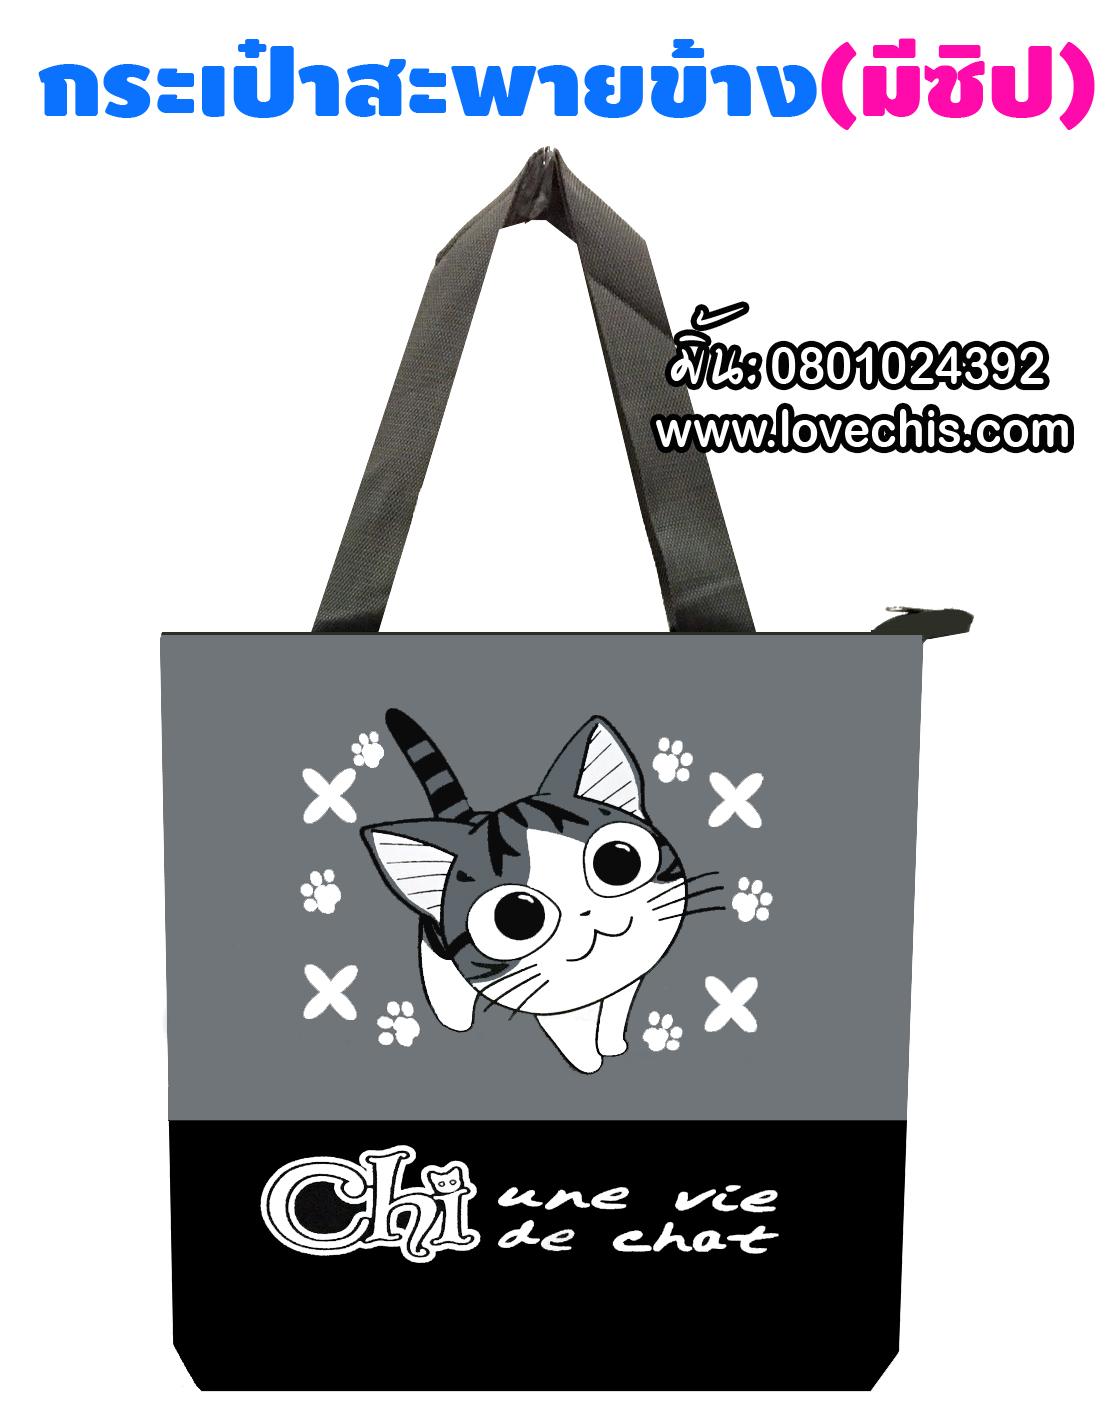 กระเป๋าสะพายข้างแมวจี้